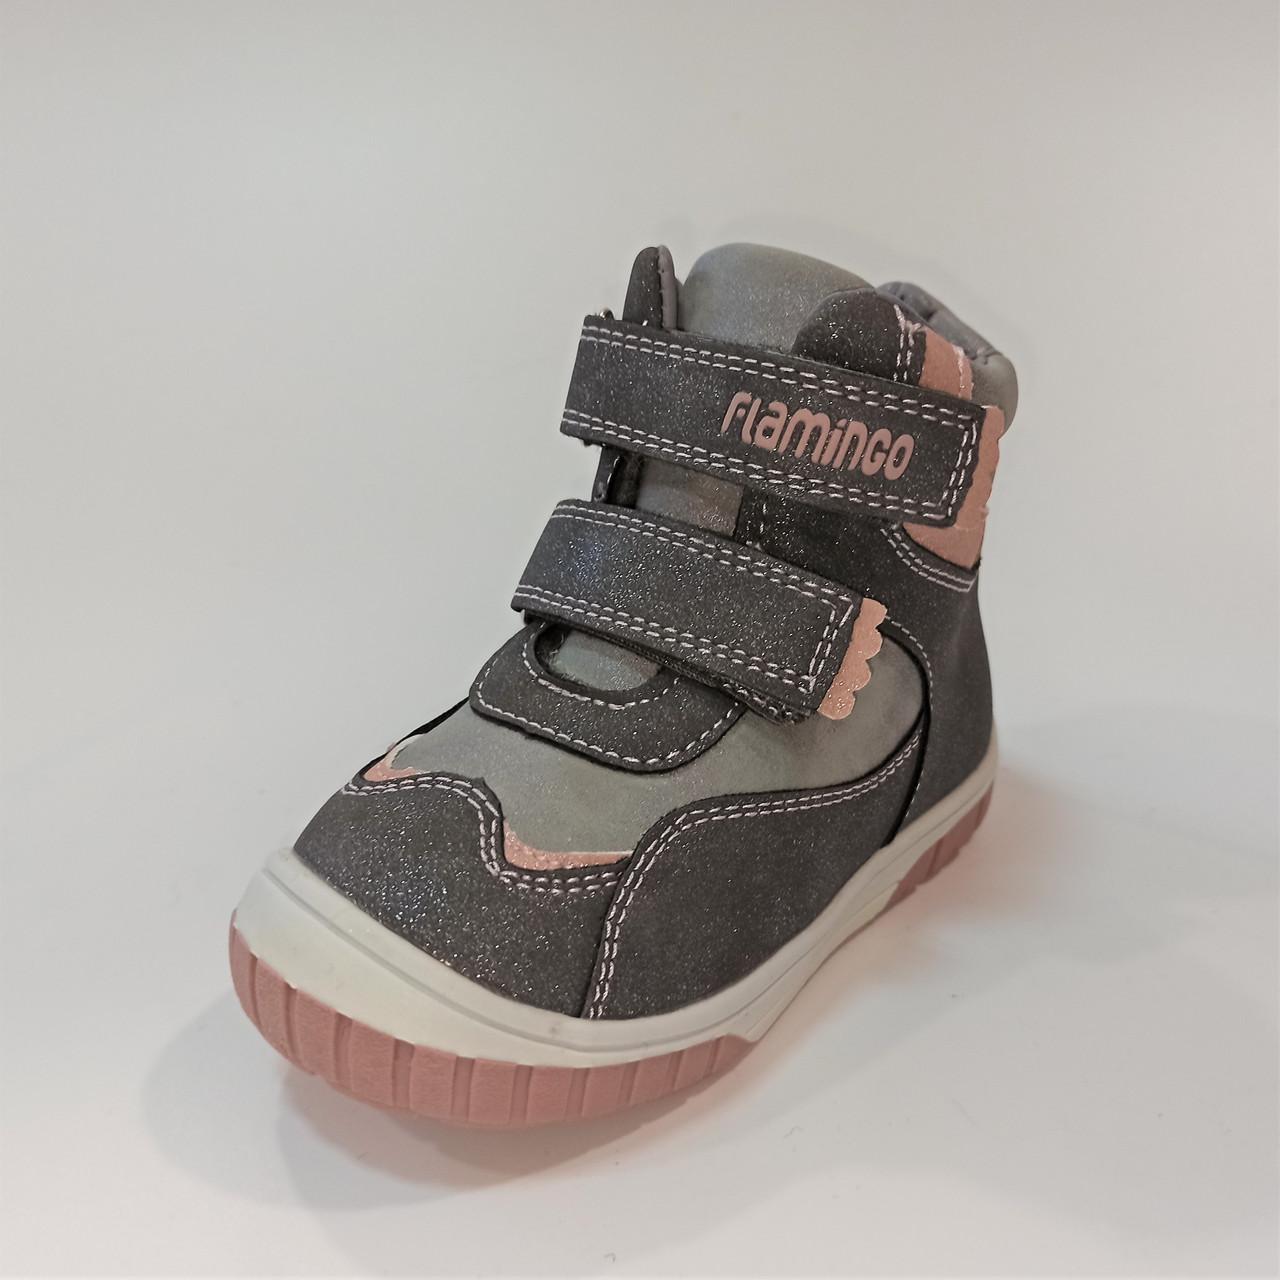 Дитячі черевики на дівчинку, Flamingo розмір 24 26 27 28